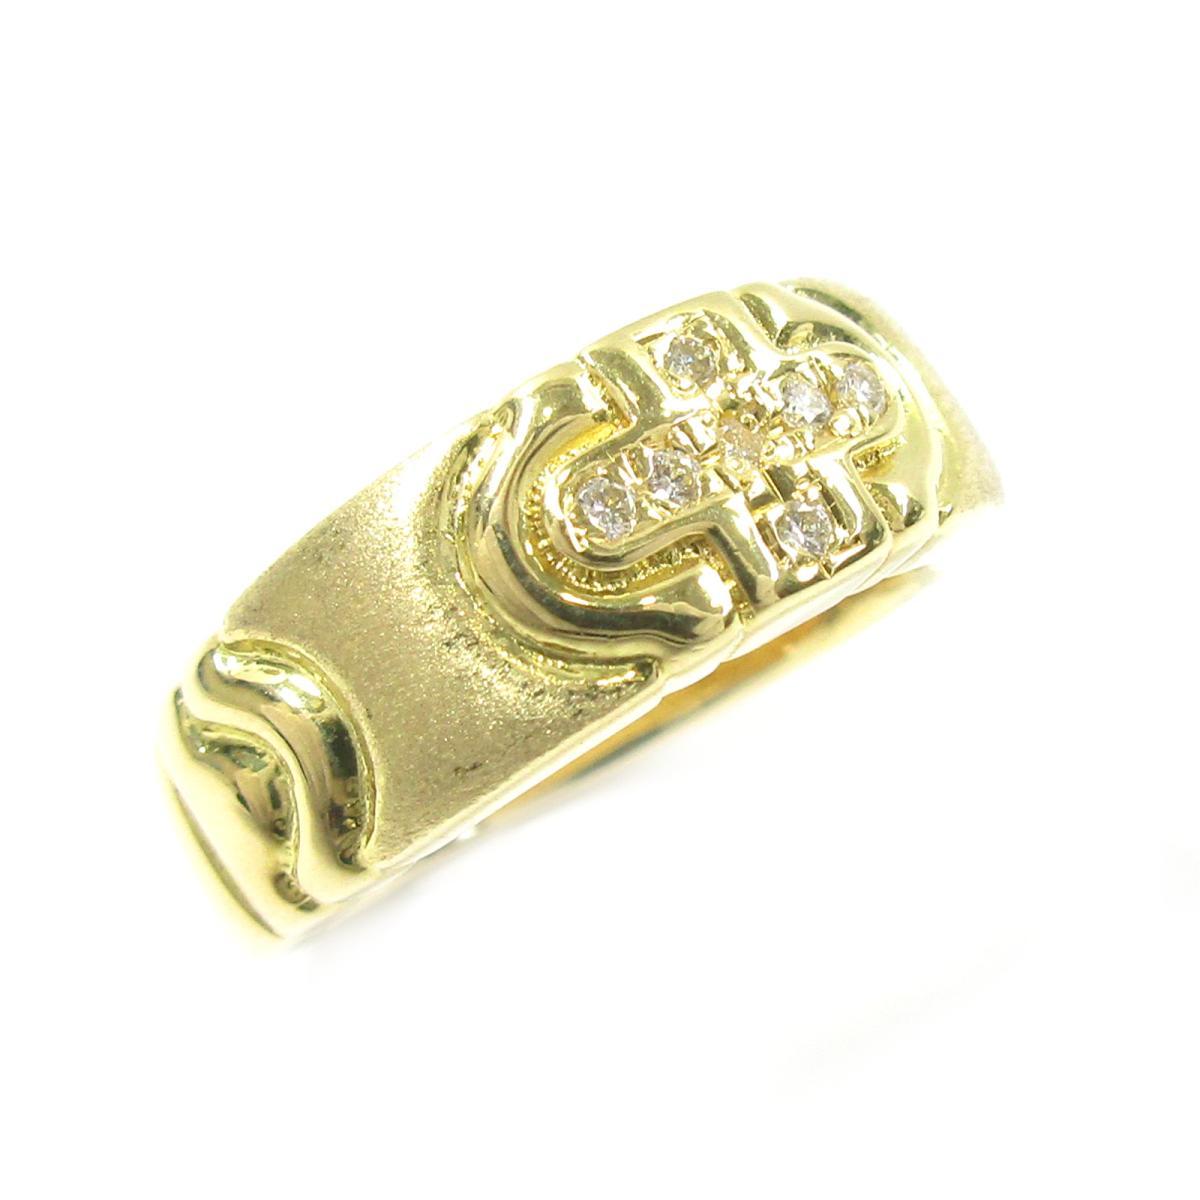 【中古】 ジュエリー ダイヤモンドリング 指輪 レディース K18YG (750) イエローゴールド x ダイヤモンド0.06ct ゴールド クリアー | JEWELRY BRANDOFF ブランドオフ ブランド ジュエリー アクセサリー リング